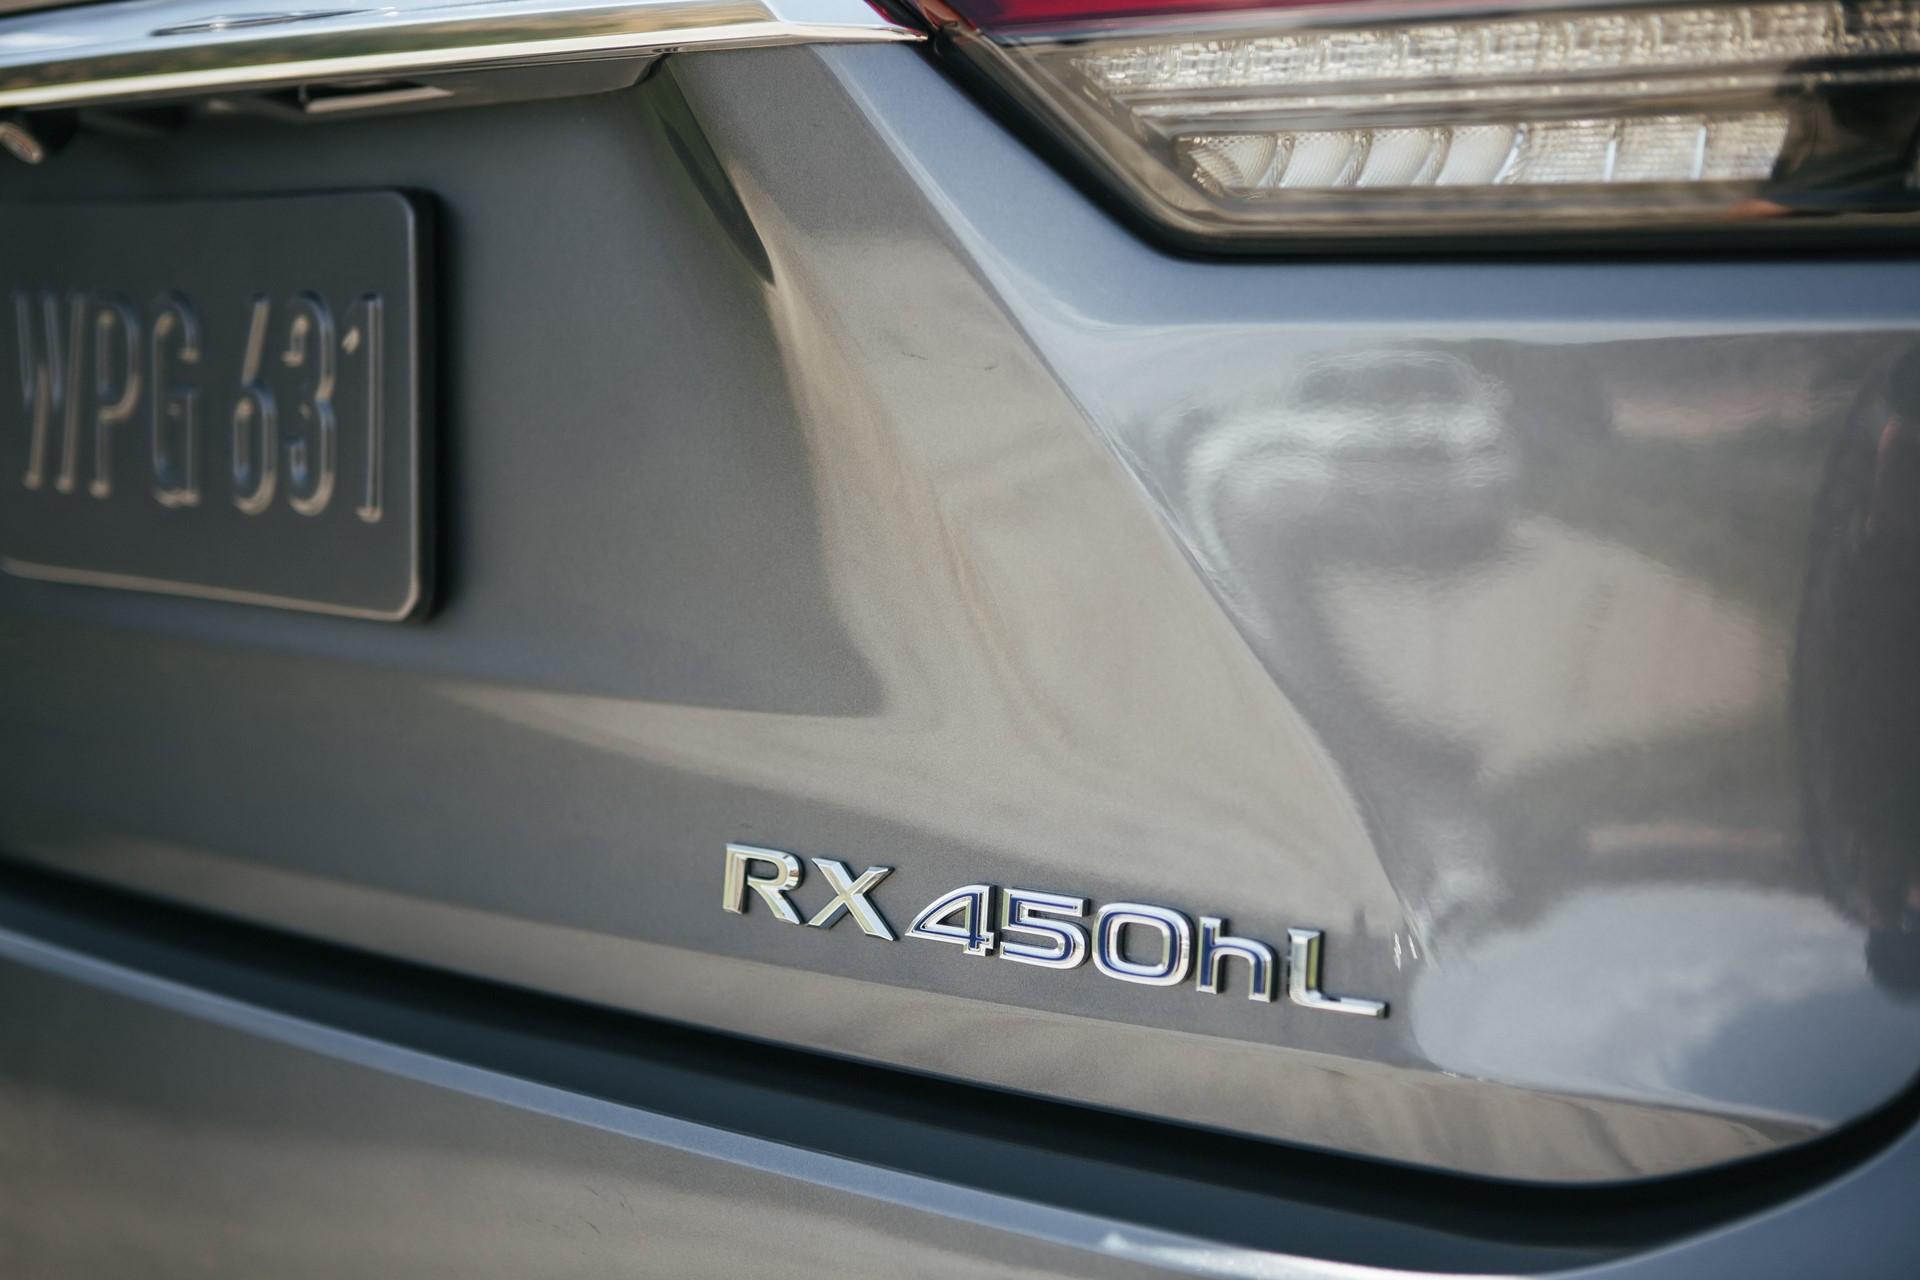 2020_Lexus_RX450hL_09_A662BDA67283881BA353E88E72B13814B99D4103